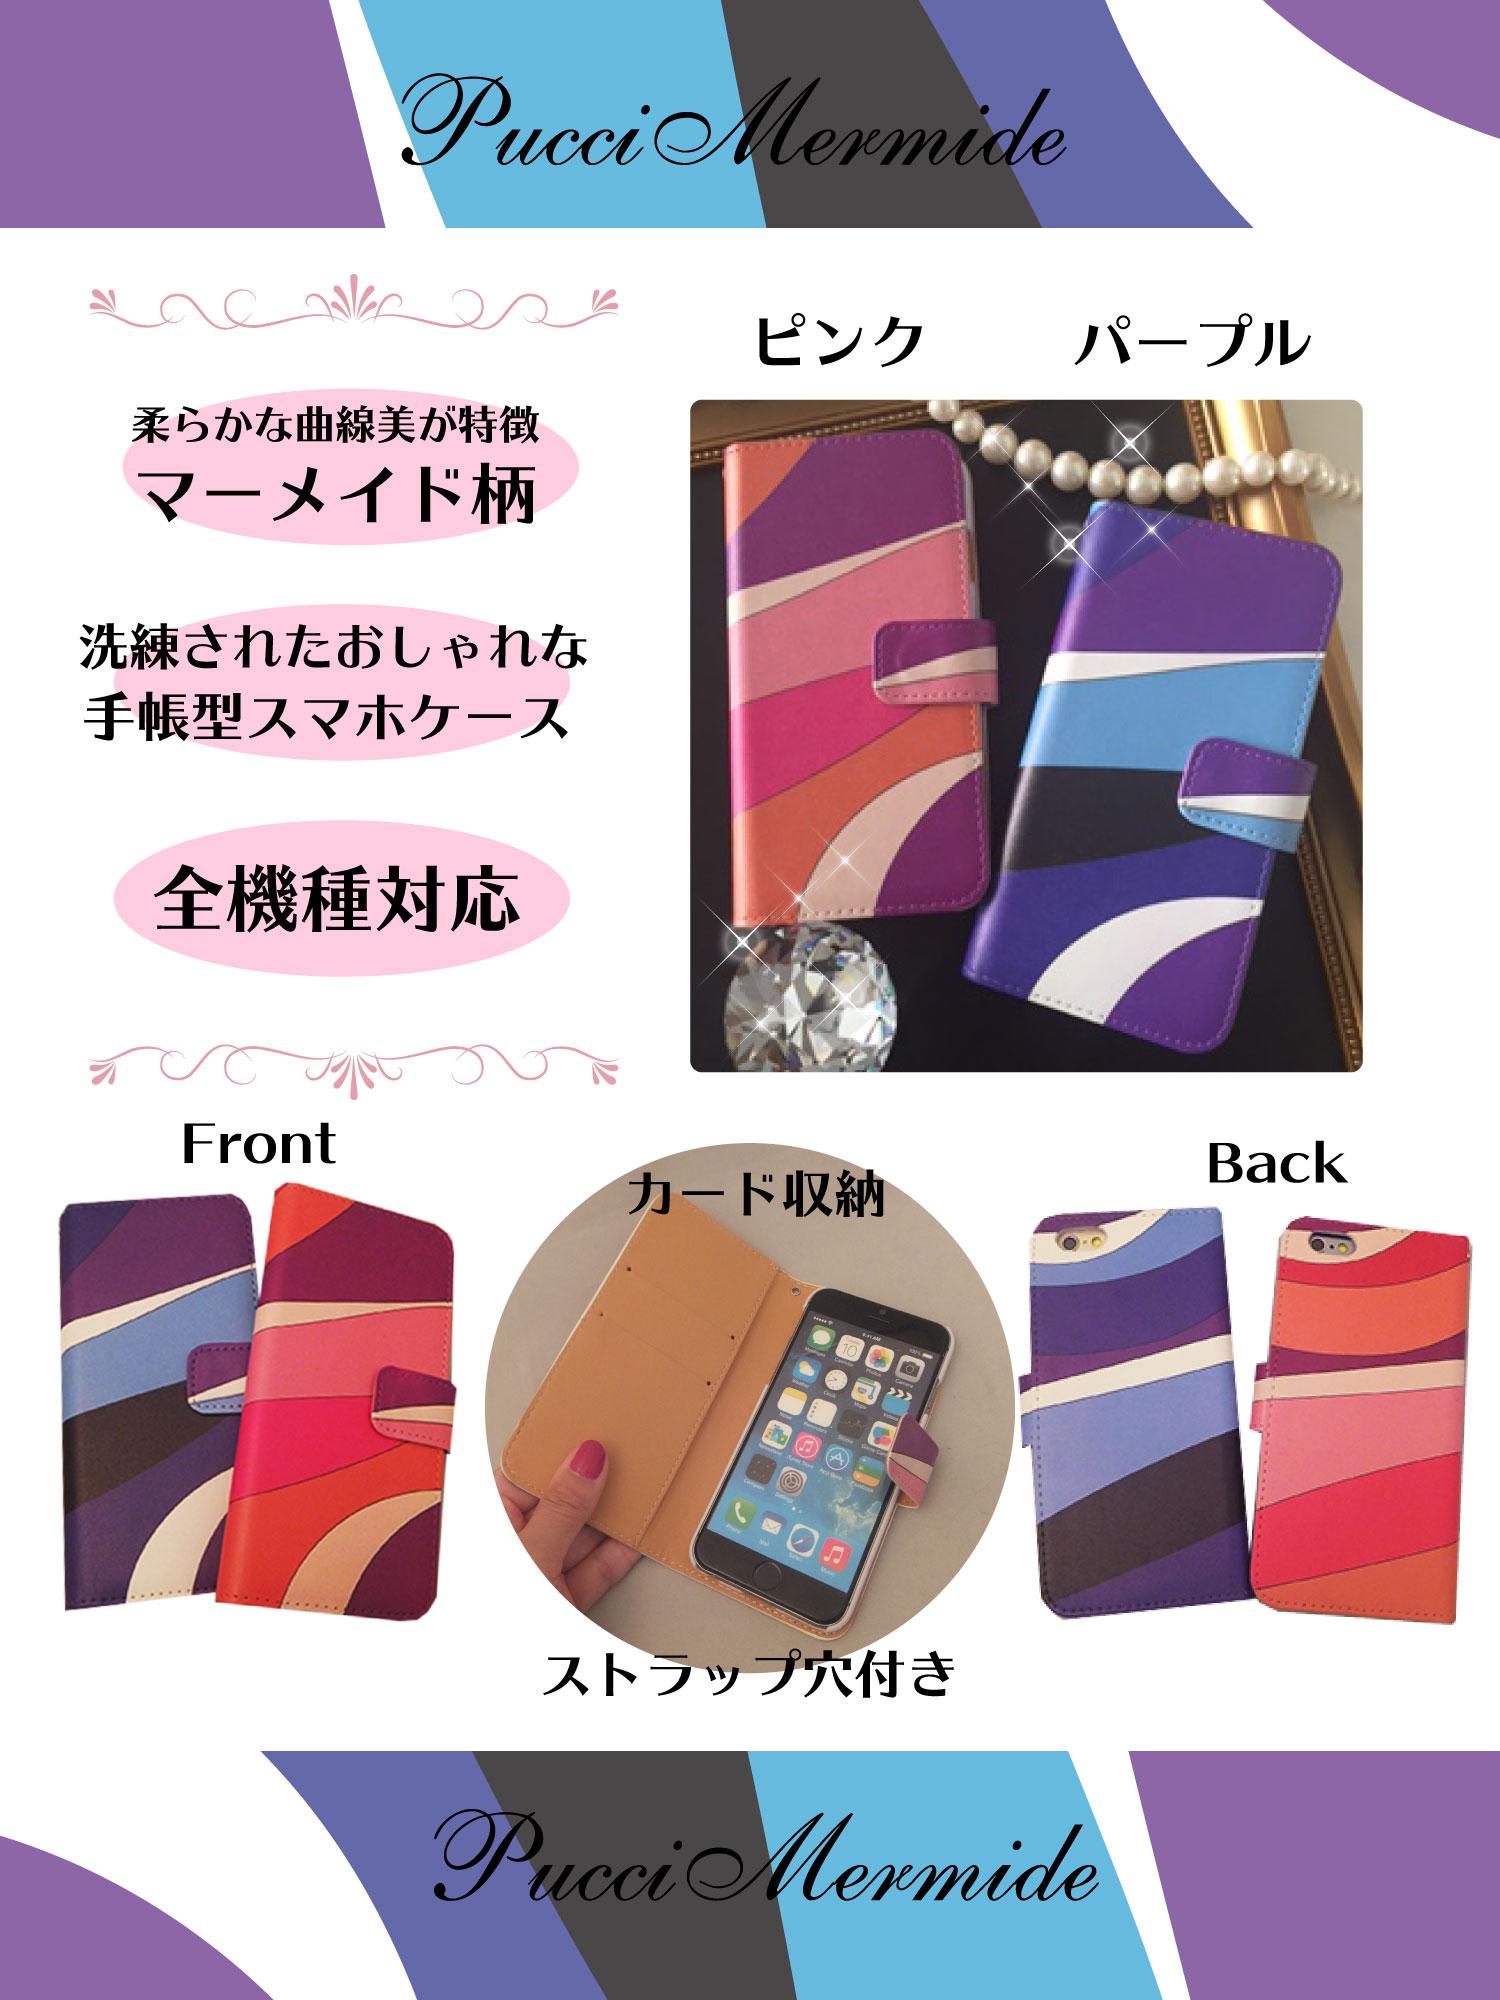 iPhoneケーススマホケースプッチマーメイド柄可愛い人気のiPhoneケーススマホケースは年間20,000点の実績で保証が付いて安心のDecoブランドBASHバッシュでお買い求めください。全機種対応